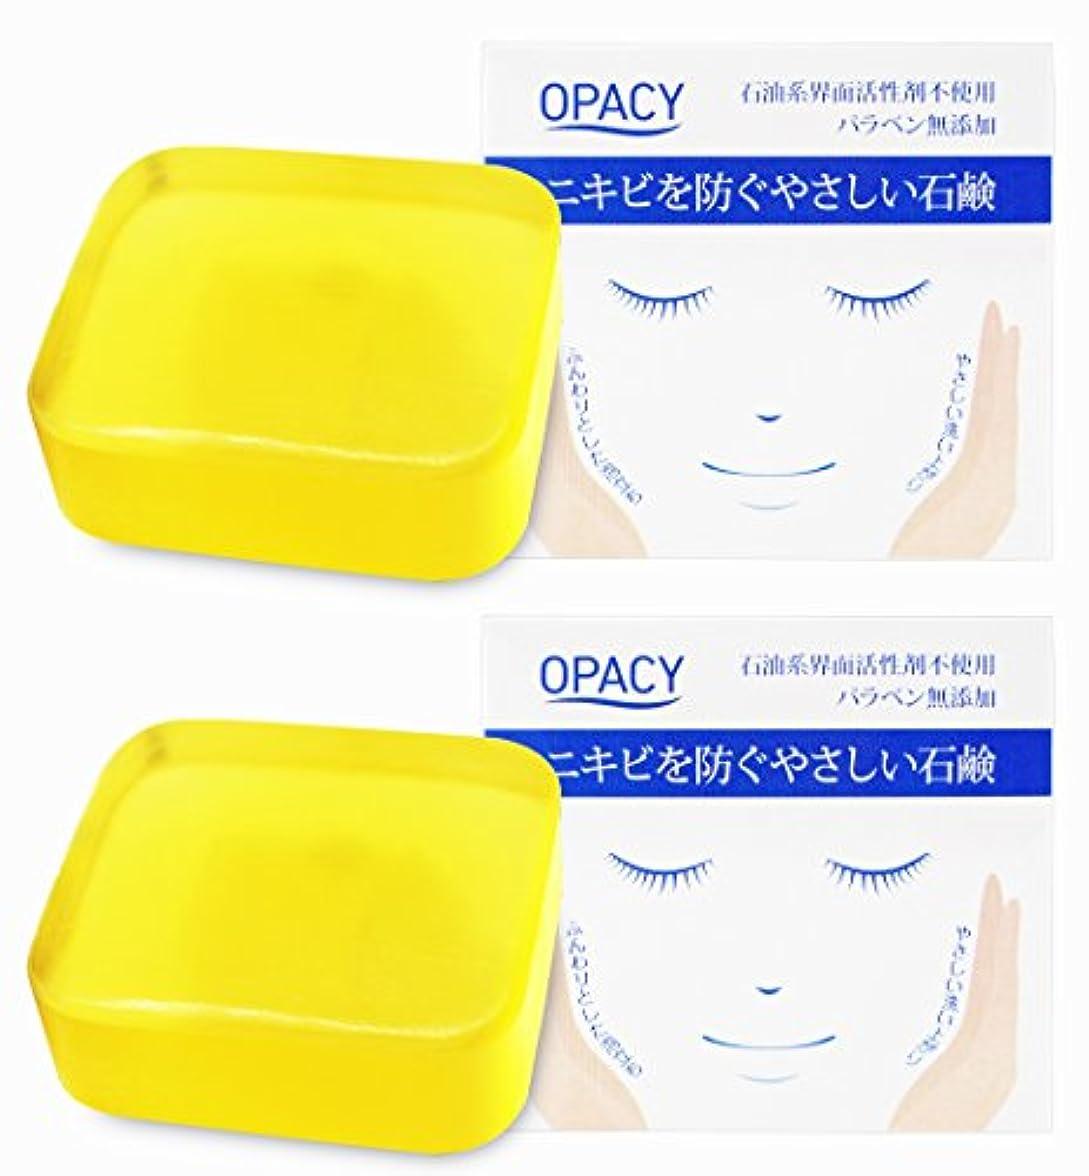 イタリアのバスト縁【2個セット】オパシー石鹸100g (2個)